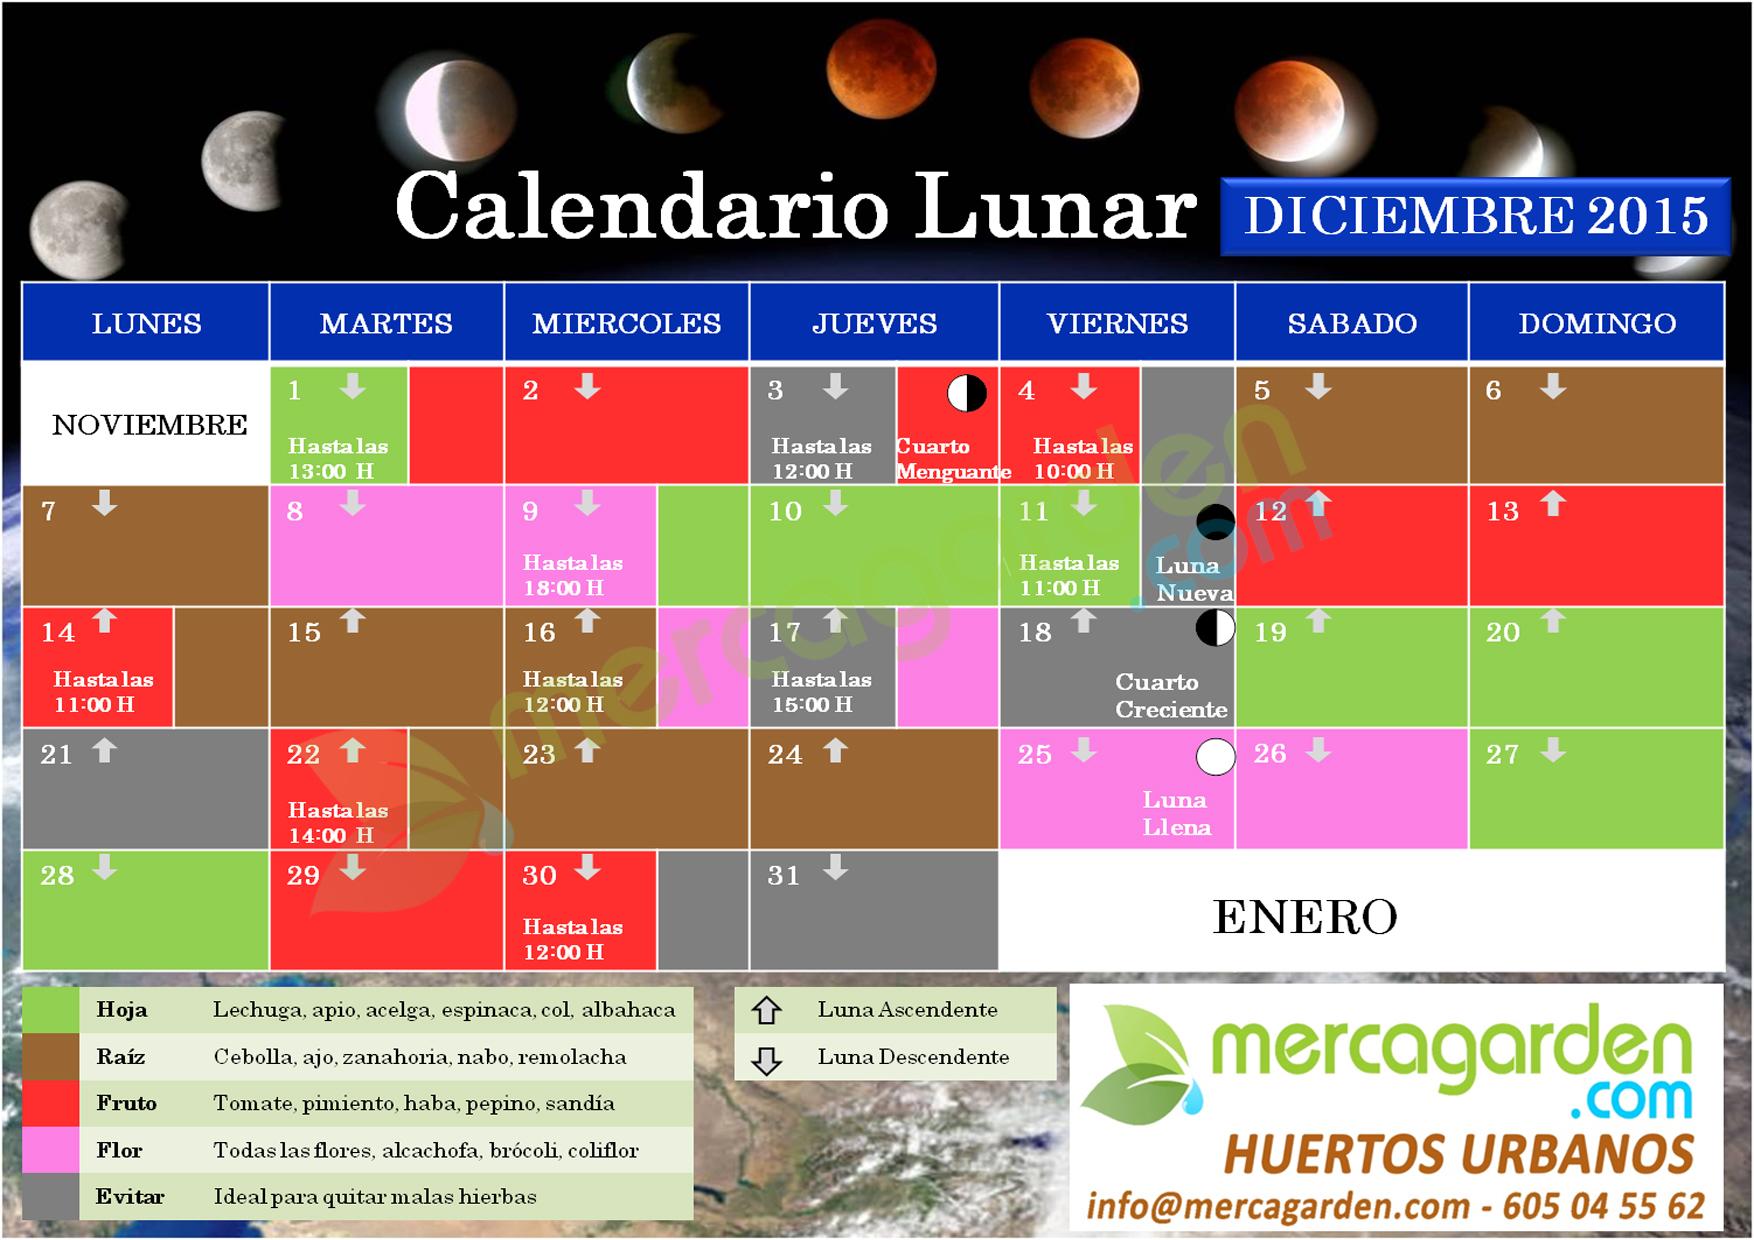 Calendario lunar Diciembre 2015